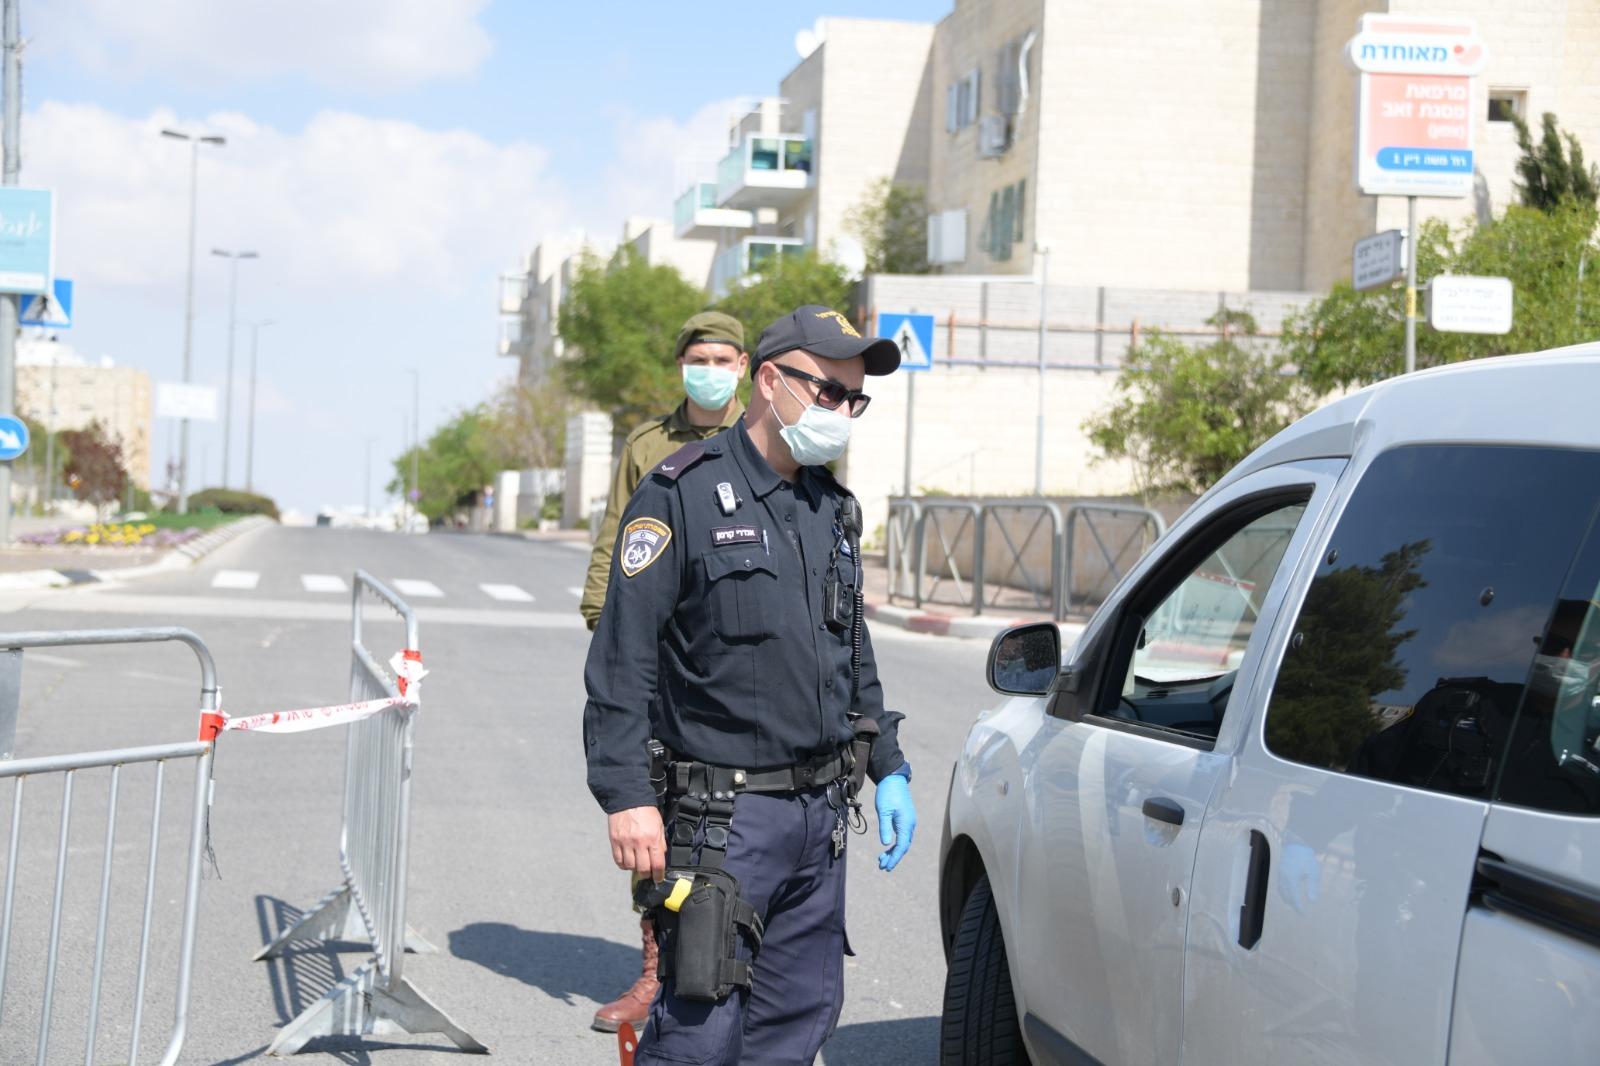 הסגר בירושלים חוזר: עד יום ראשון – הגבלות בשכונות ה'אדומות'